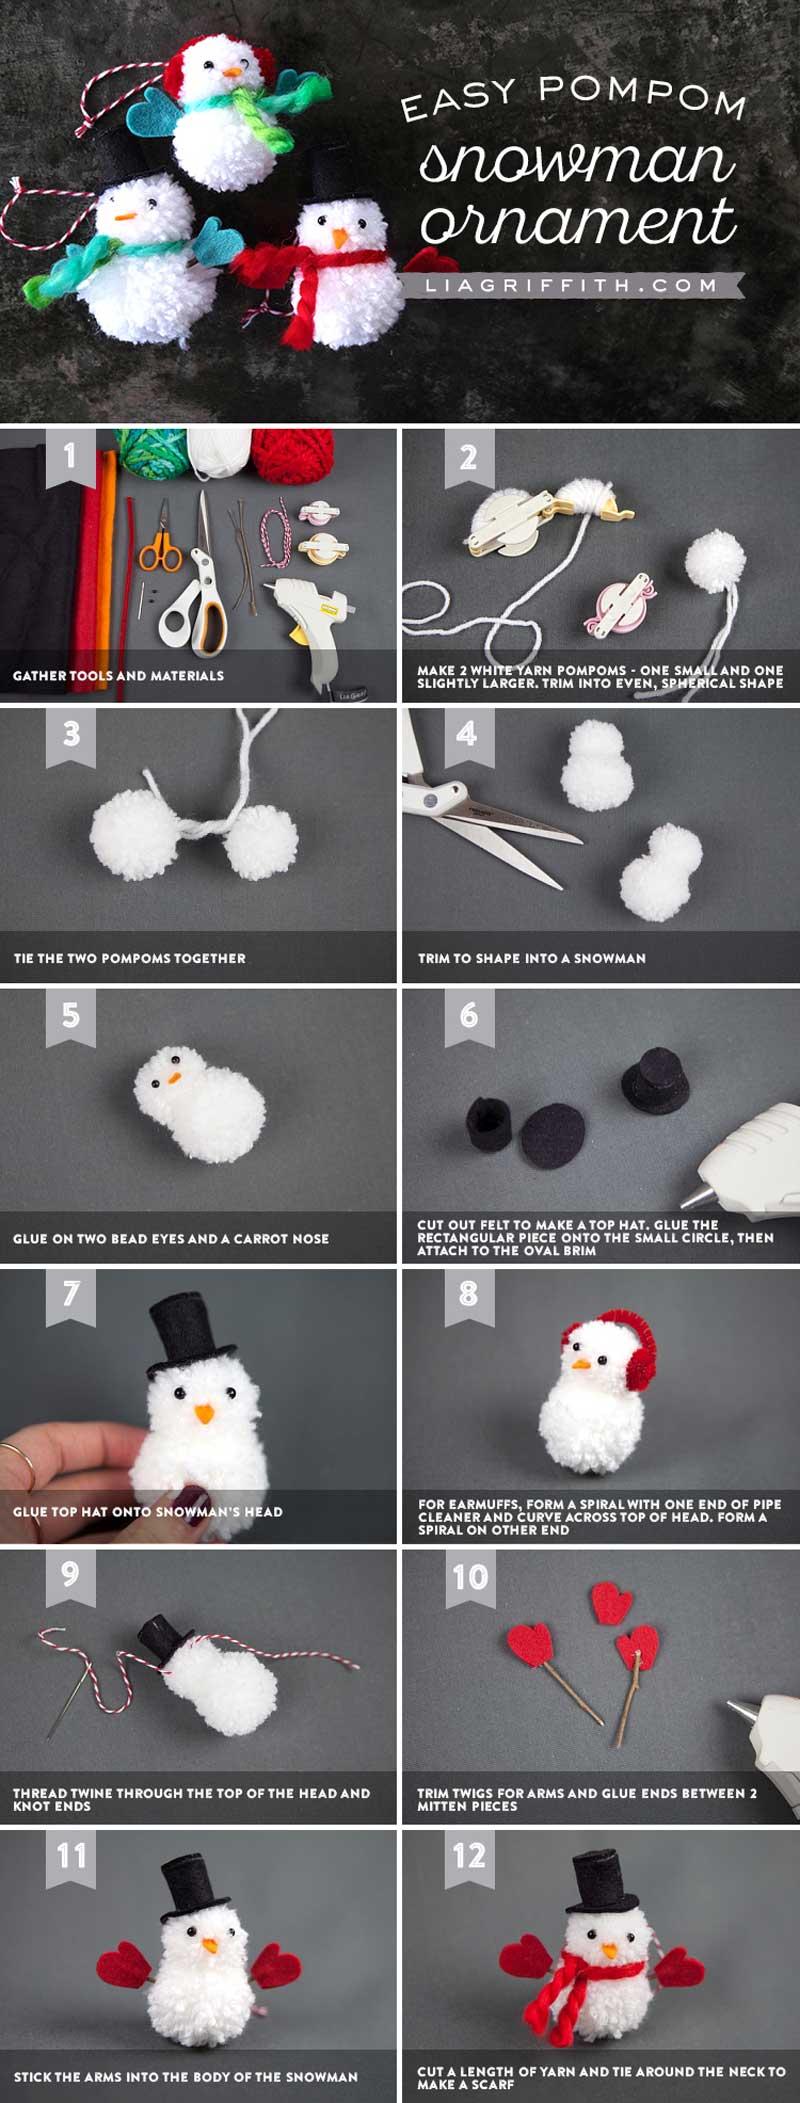 snowman-podruchnye-materialy-020